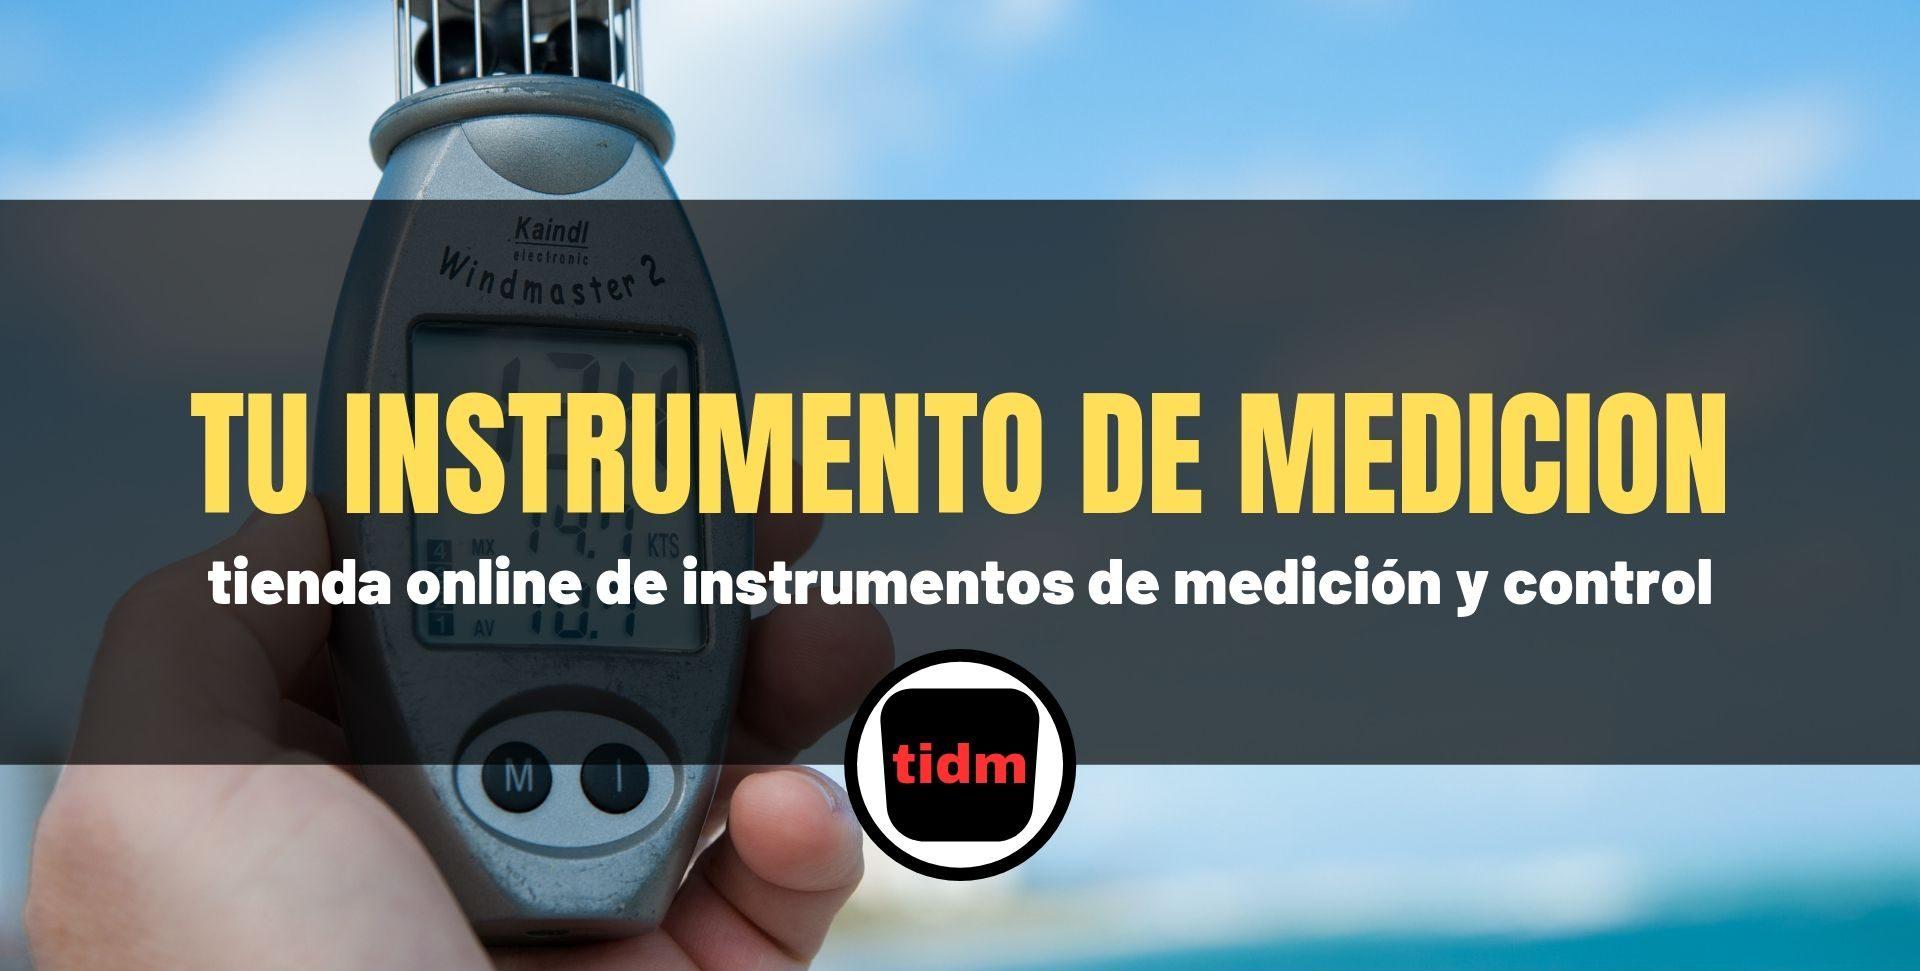 Tu instrumento de medicion